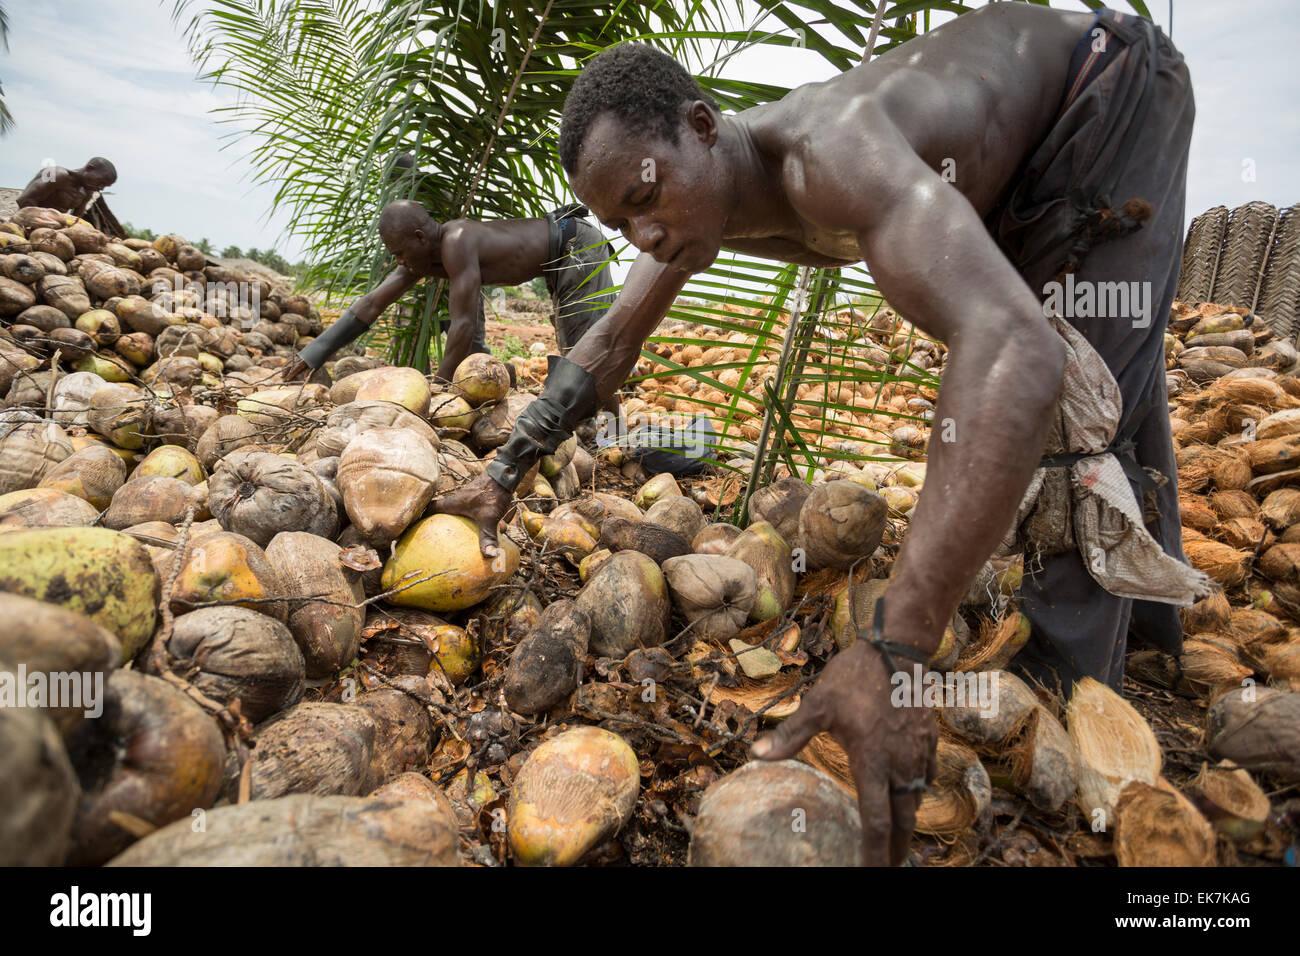 Les enveloppes d'un travailleur à une noix de coco du commerce équitable producteur à Grand Bassam, Photo Stock